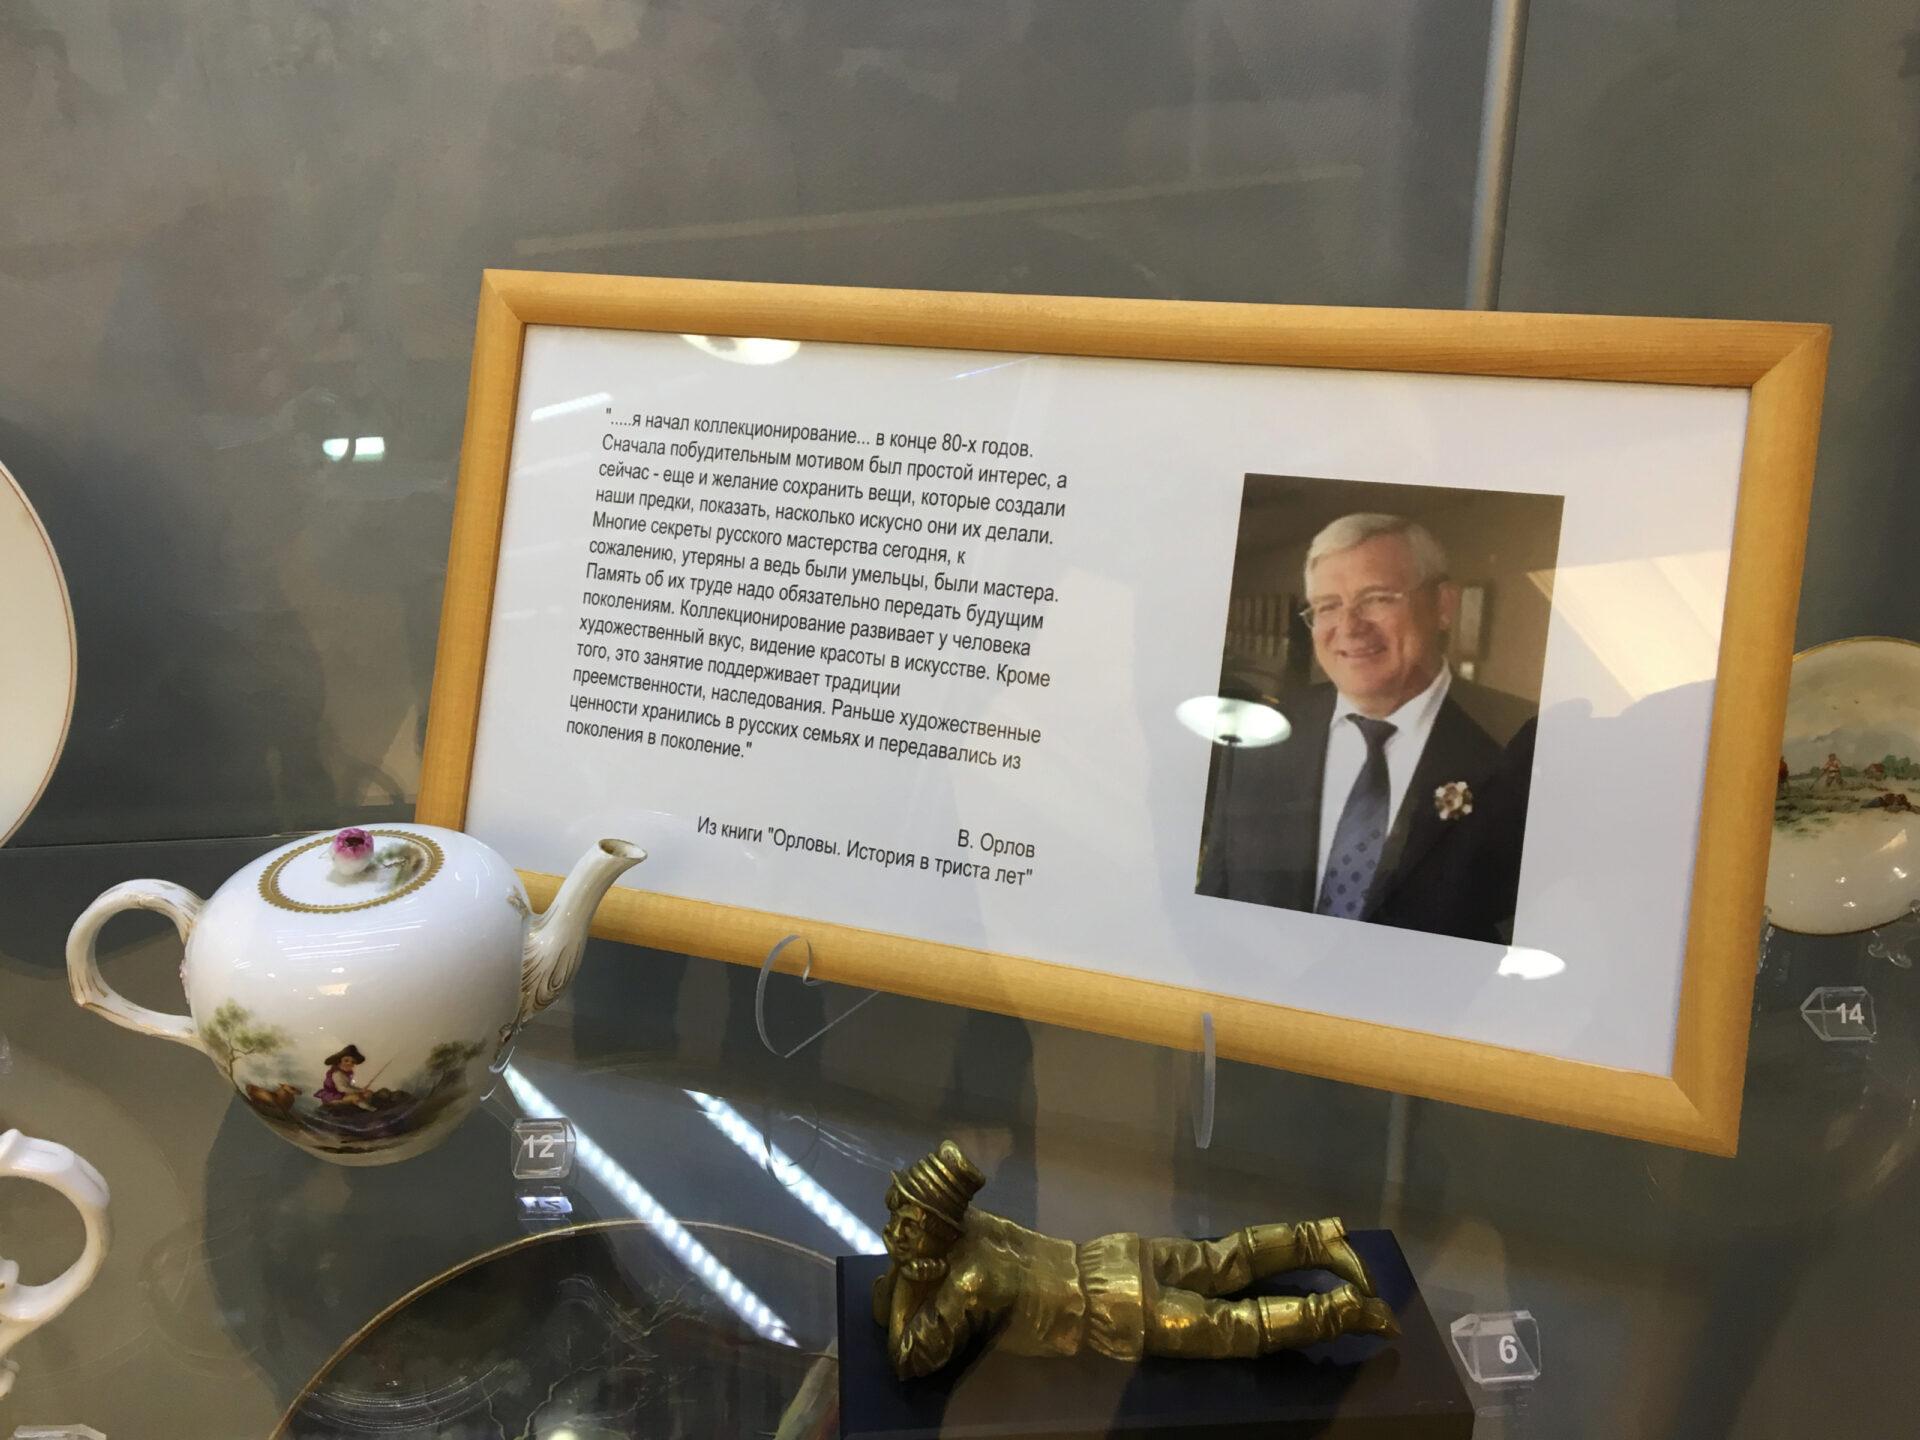 Новый музей фарфора вЯрославле. Реакция накритику